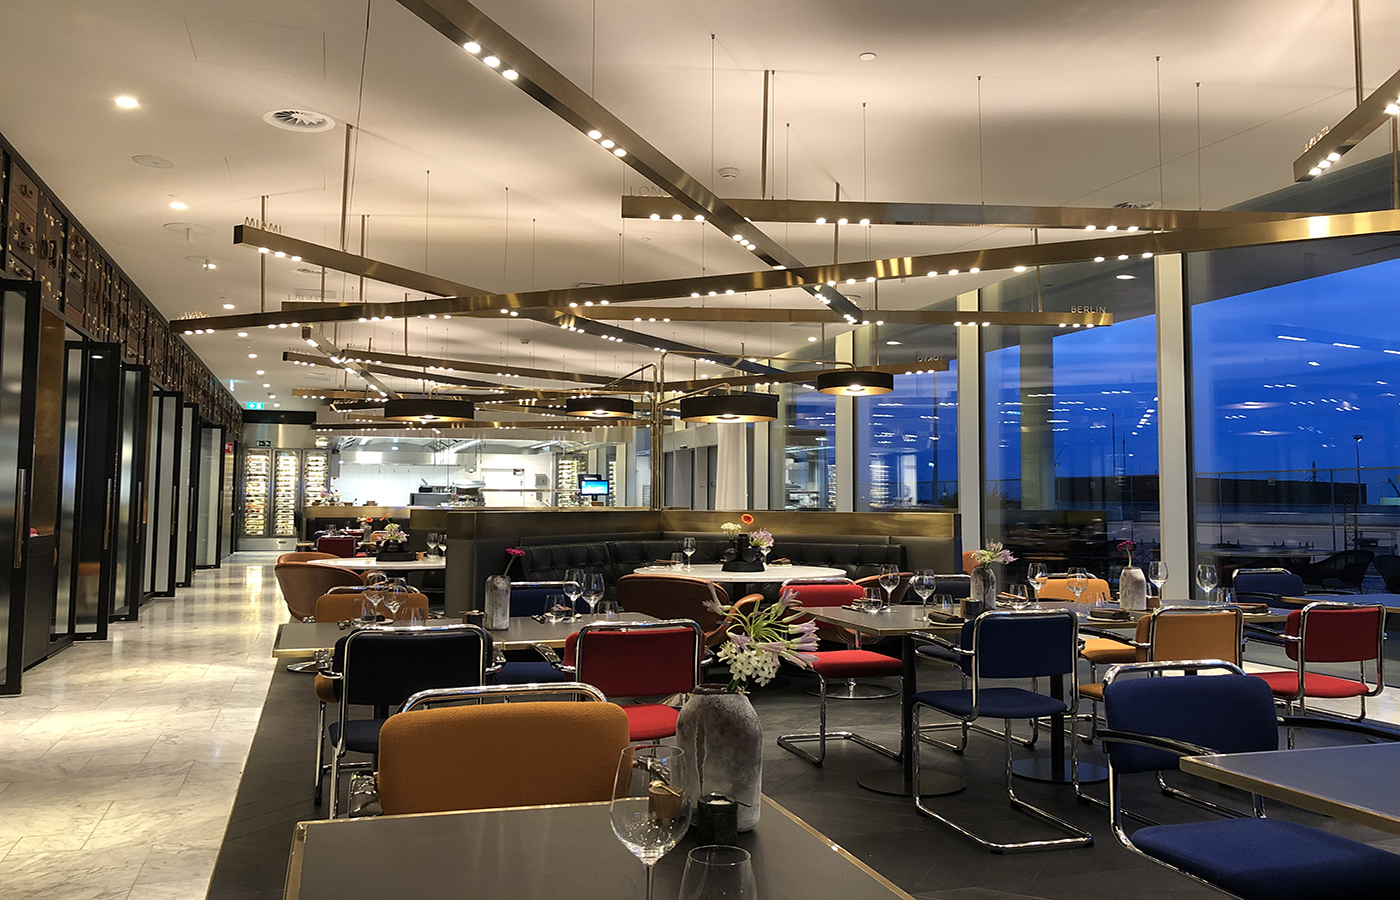 KLM Crown Lounge Restaurant Blue